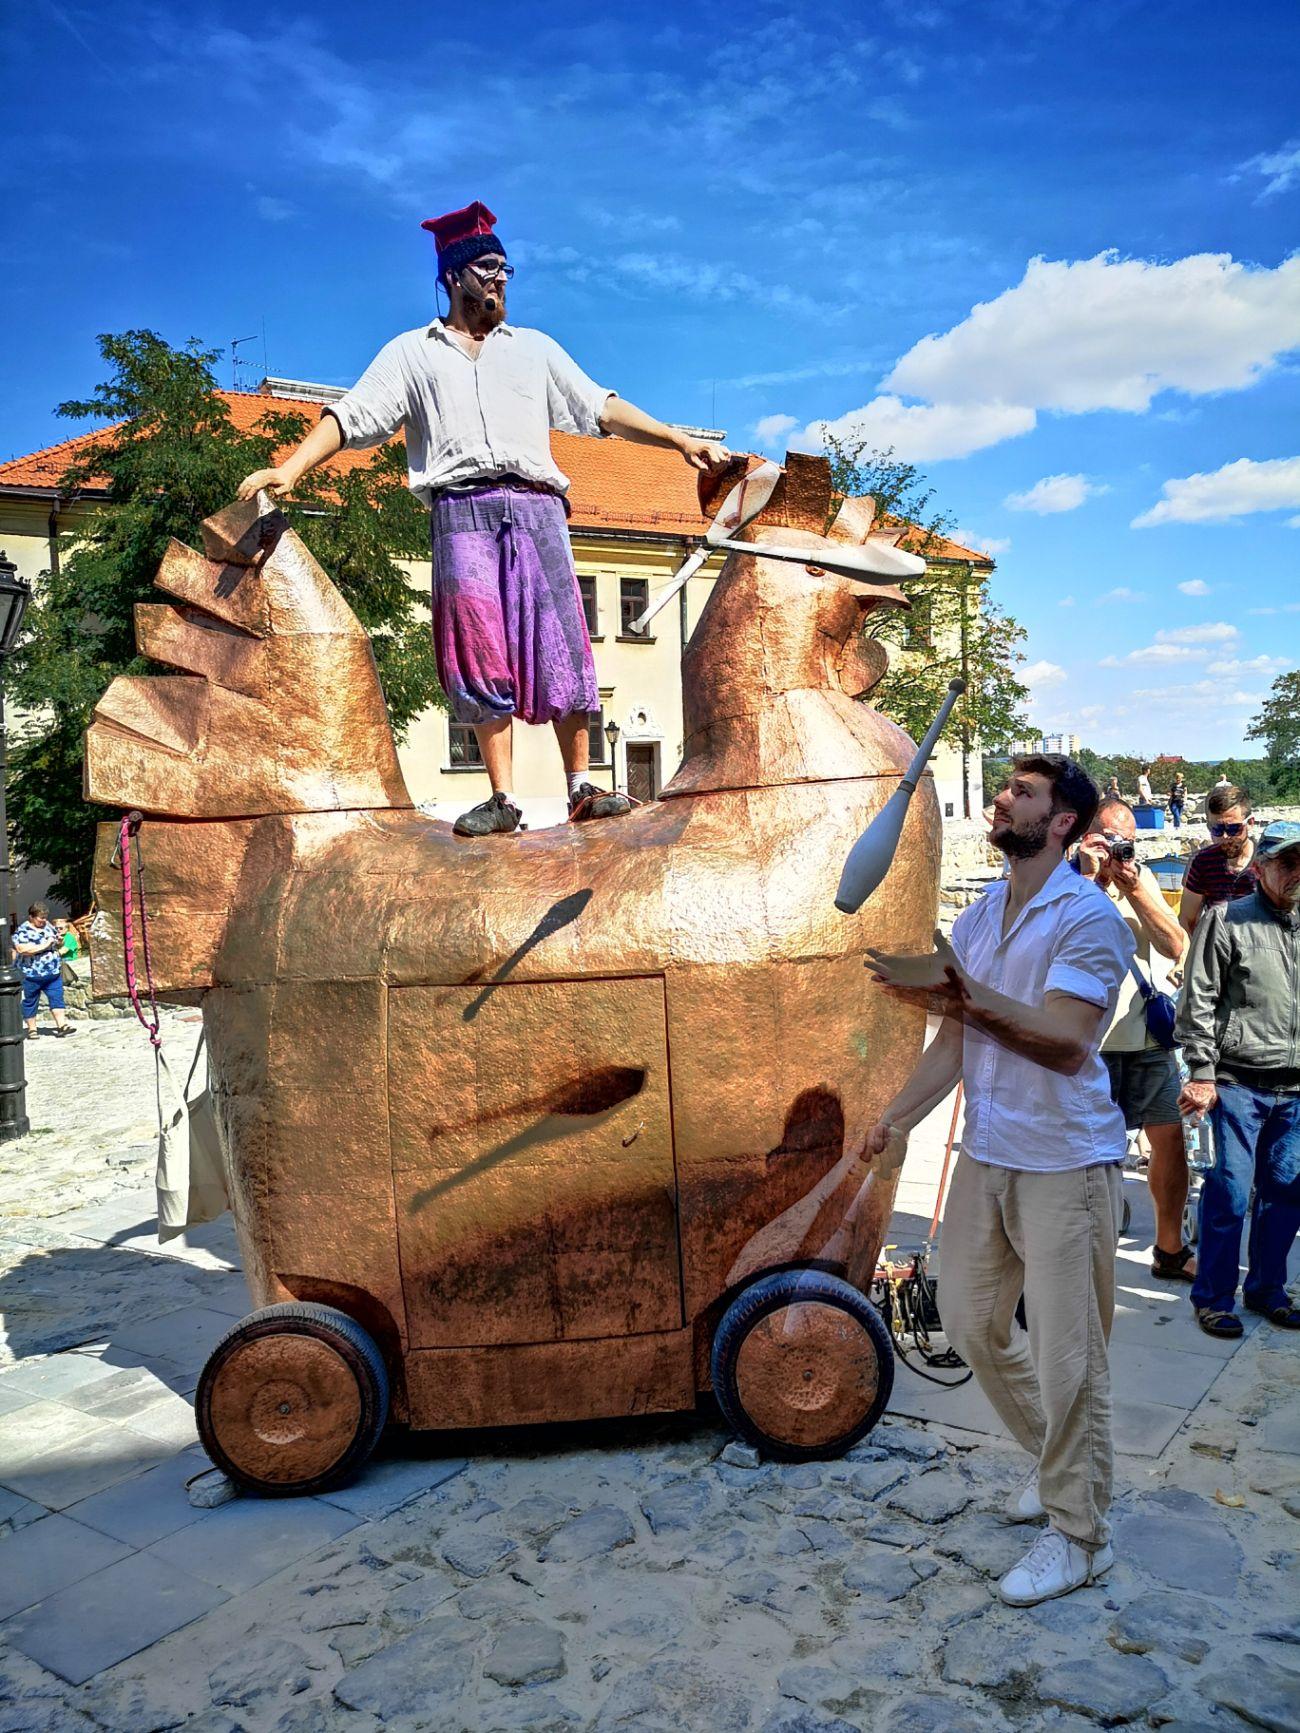 stare miasto kurka jarmark jagielloński lublin weekend festiwal co zwiedzić co zobaczyć